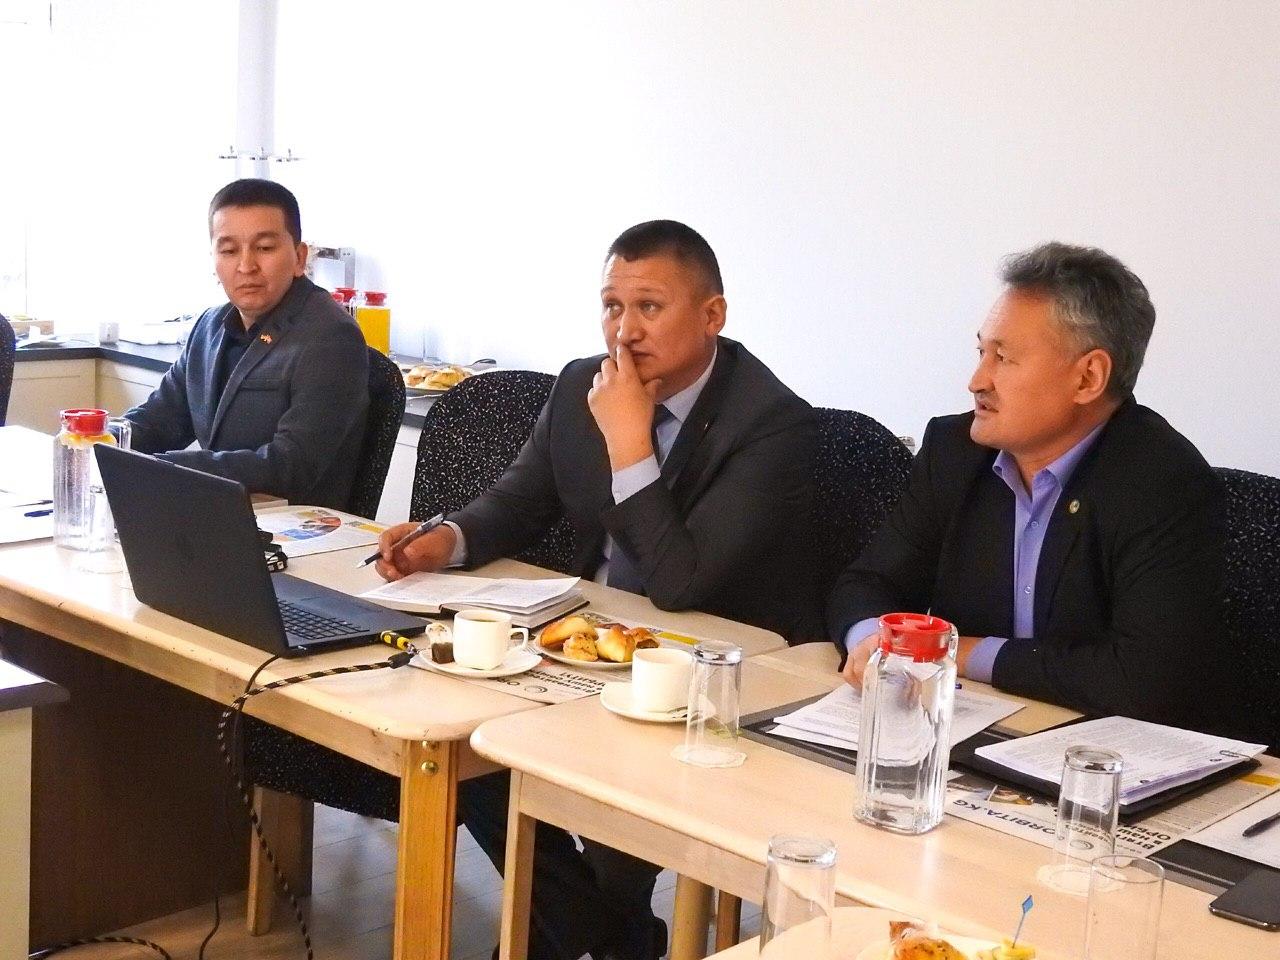 Семь дней цвета летней арчи. В Кыргызстане прошла Неделя зеленой экономики